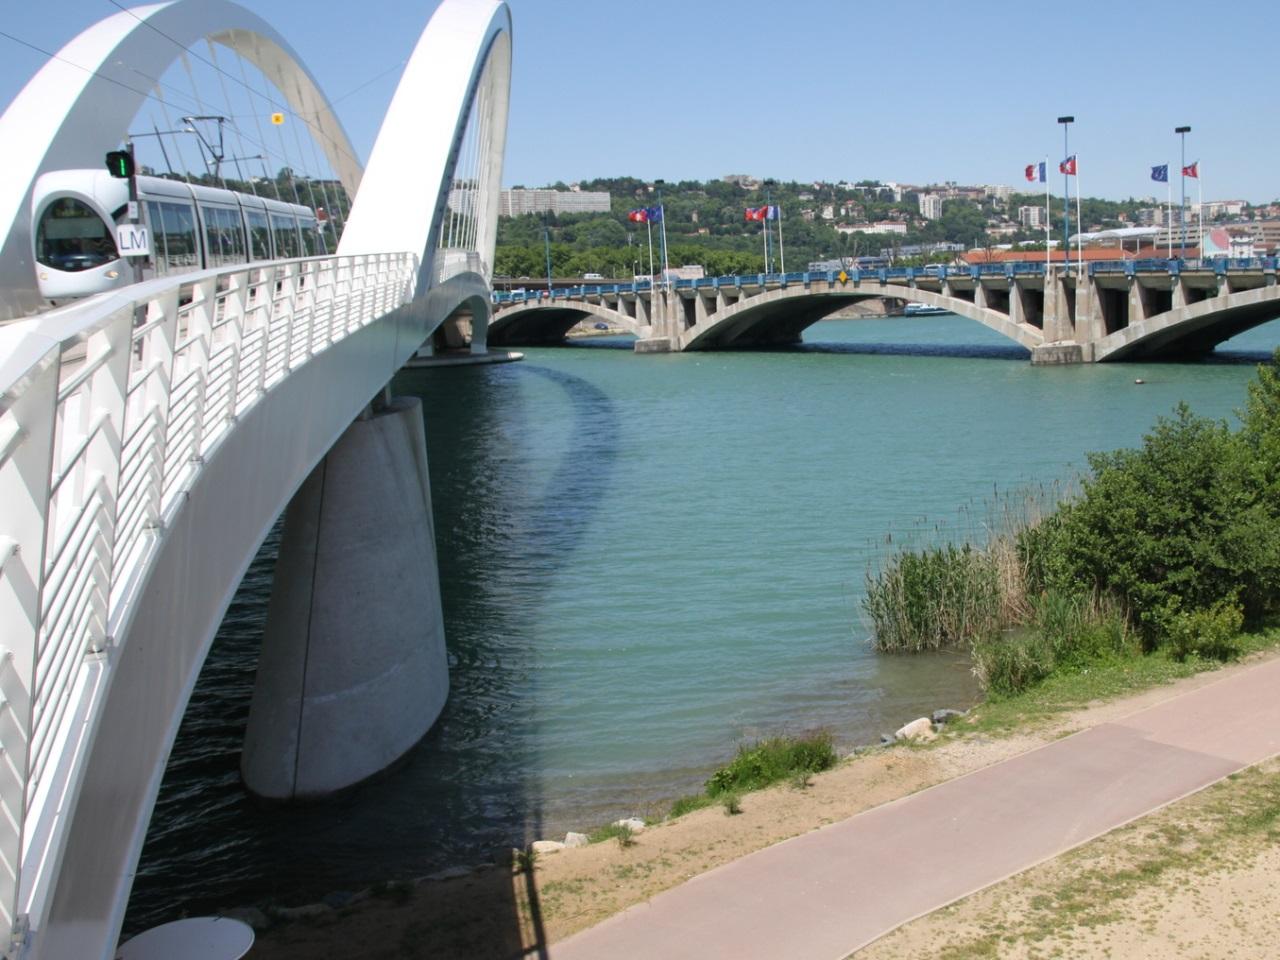 Le corps a été retrouvé dans le Rhône près du pont Raymond-Barre - LyonMag